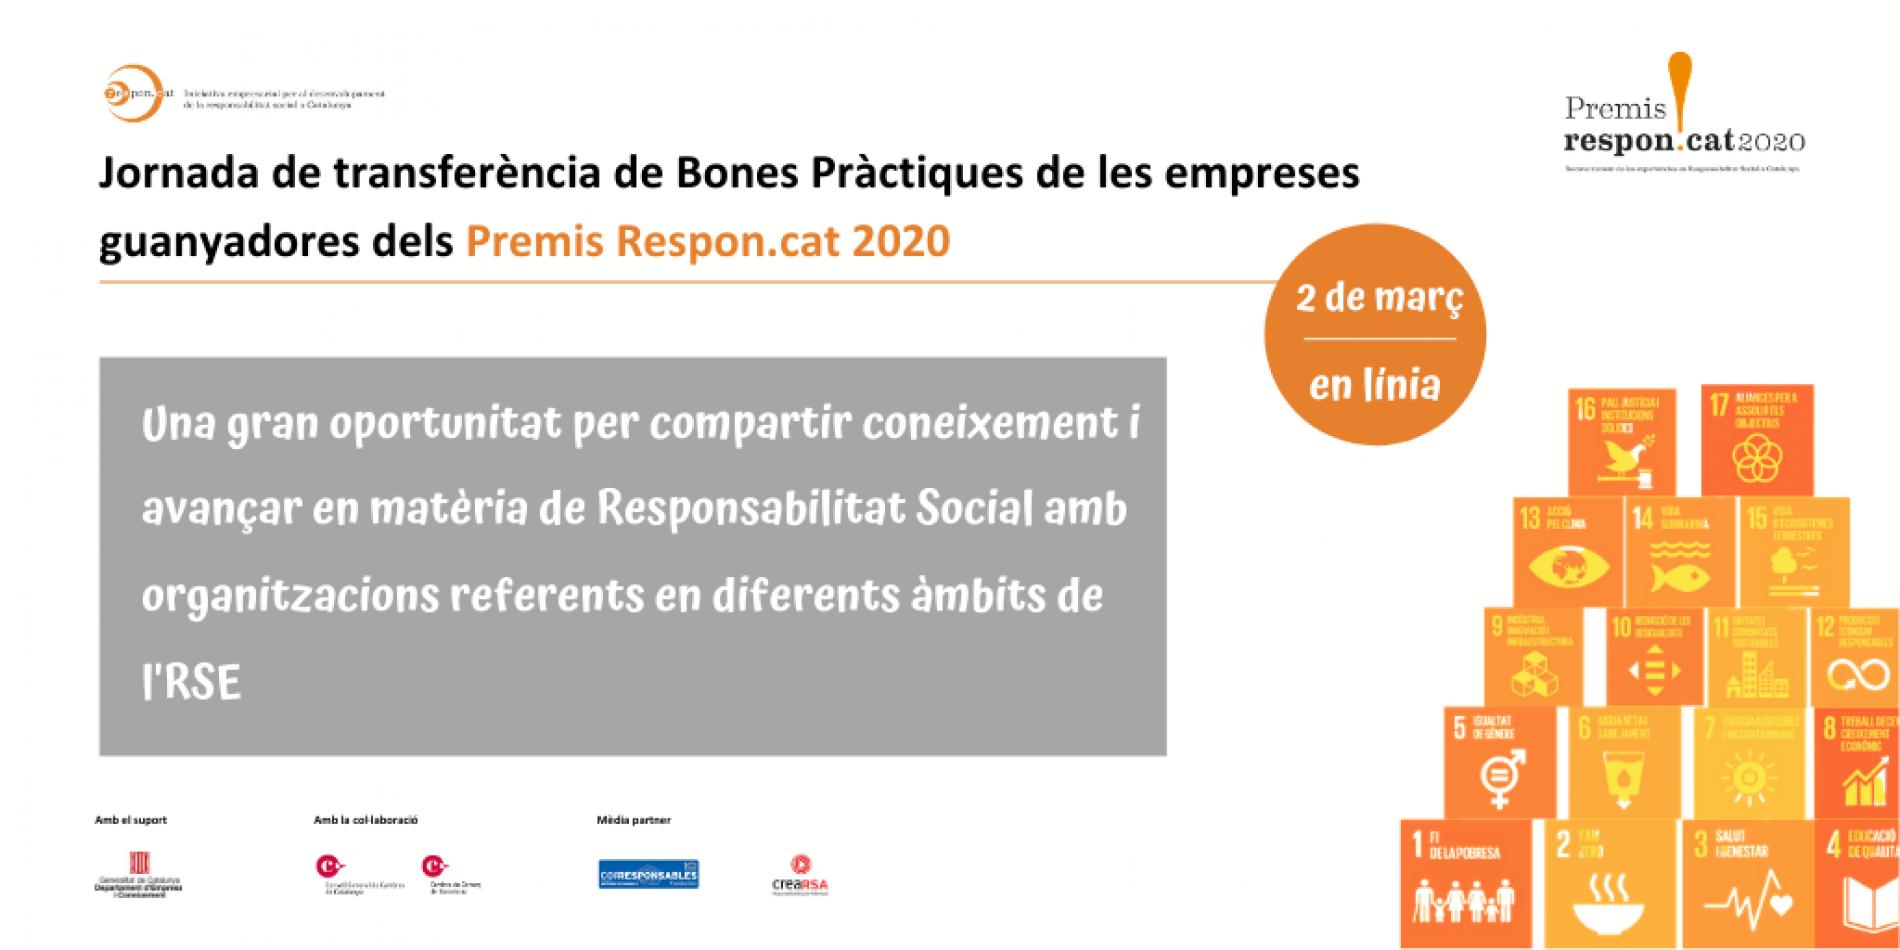 2 de MARZO – Jornada virtual de Transferencia de Buenas Prácticas de las empresas ganadoras de los Premios Respon.cat 2020